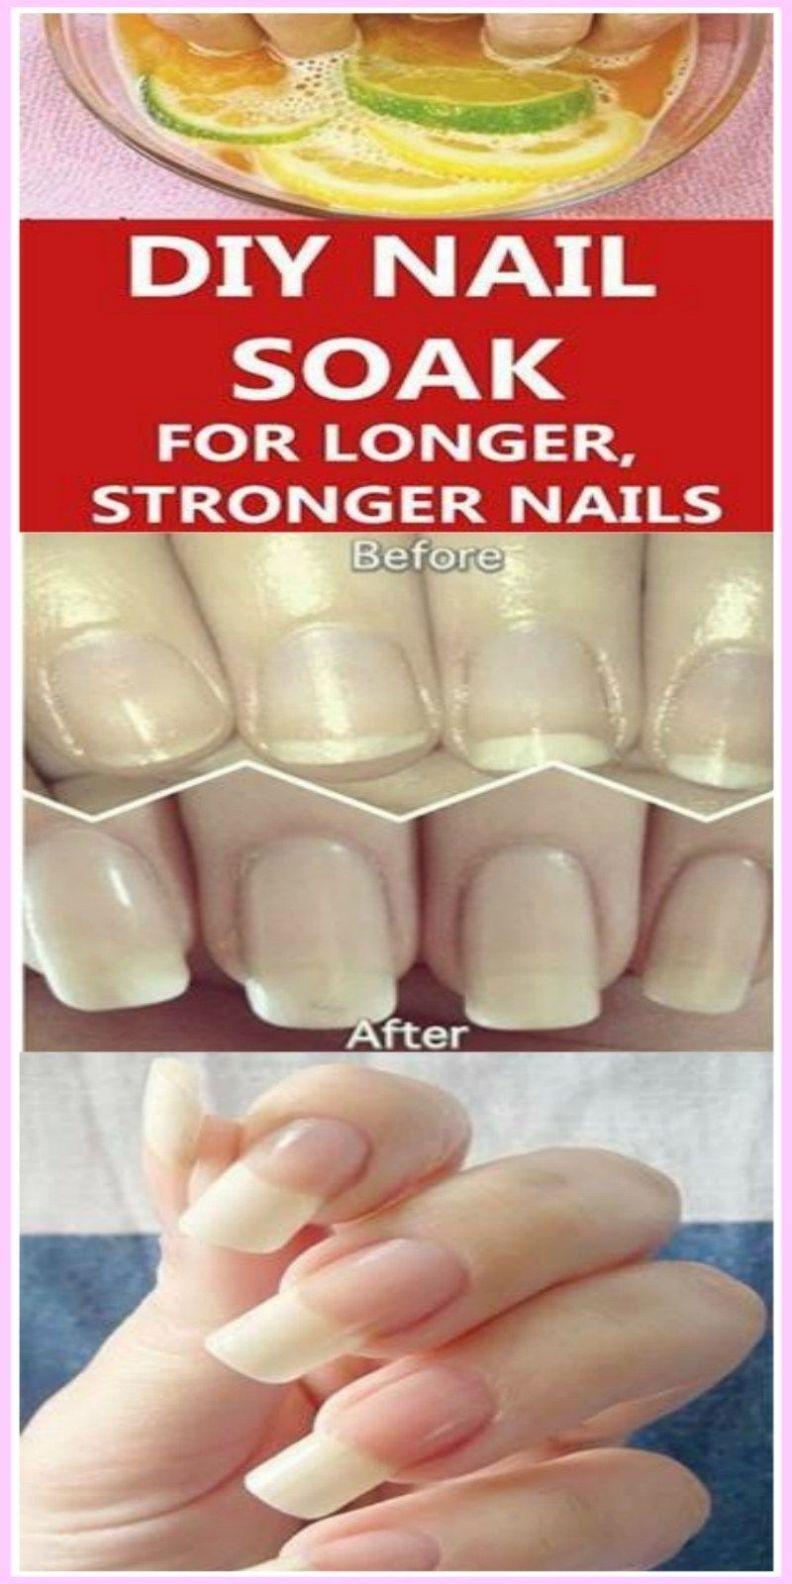 Diy nail soak for longer stronger nails diy nails soak